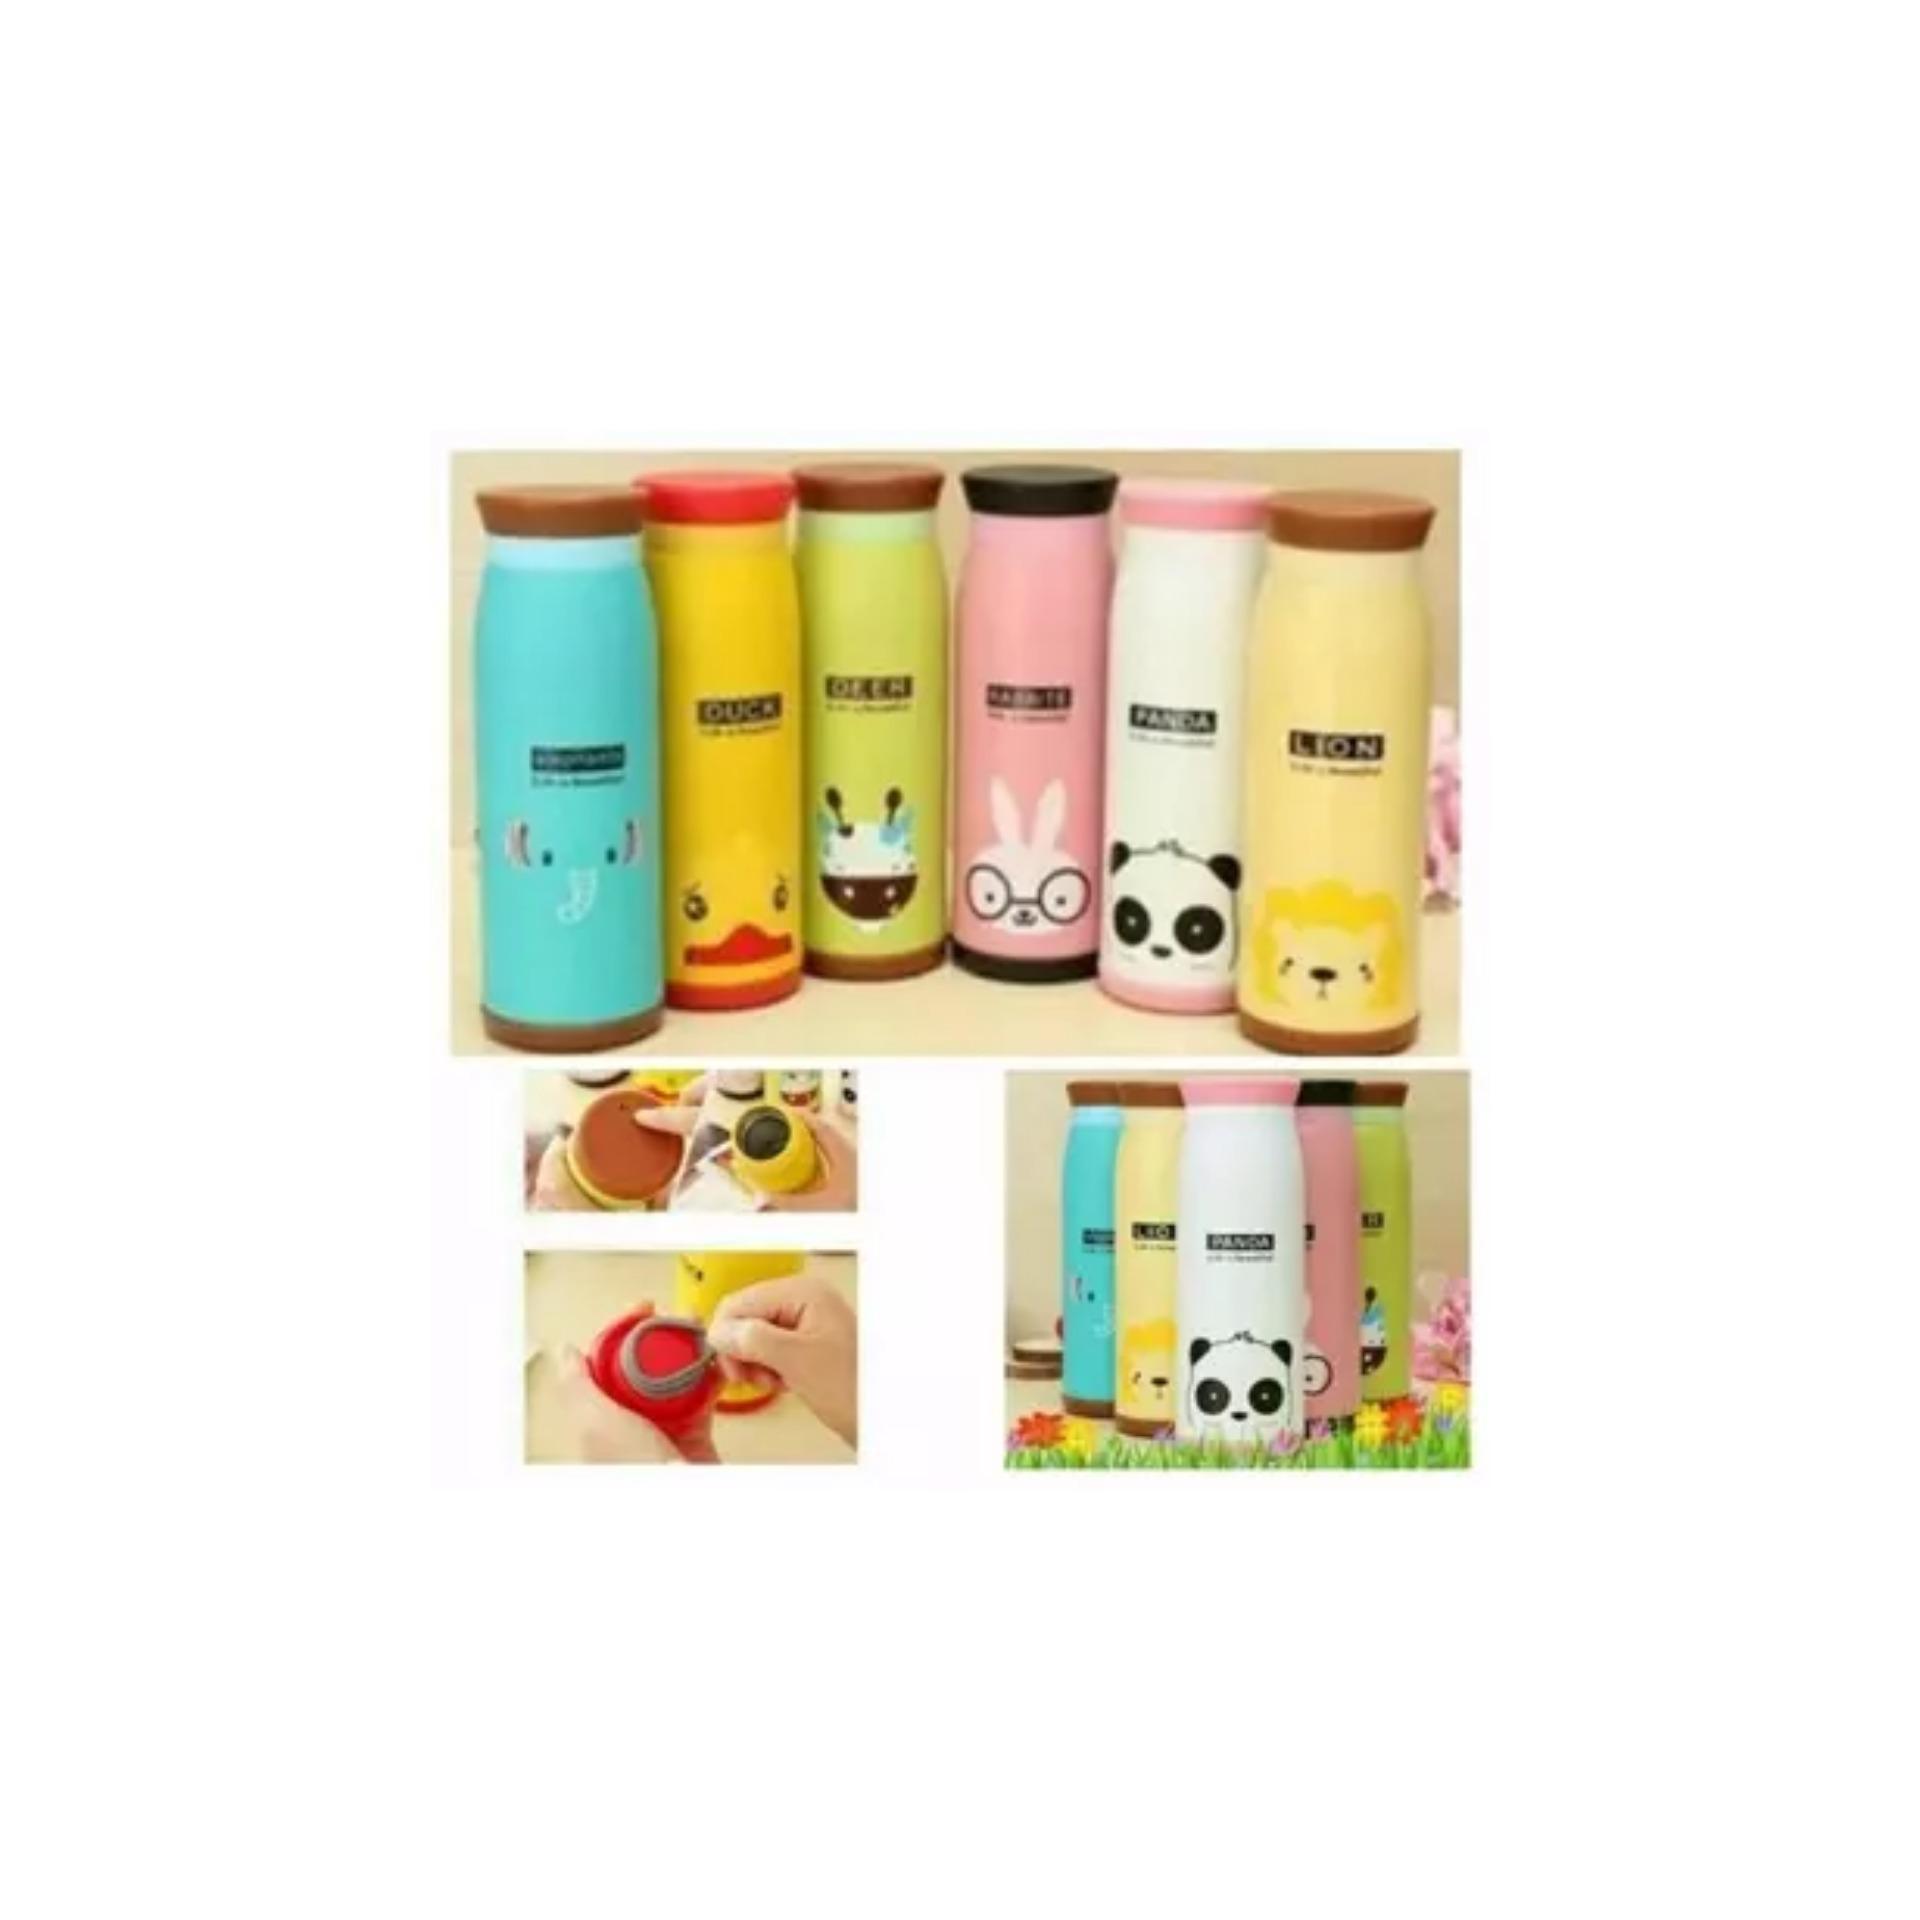 Toko Promo Khusus Stainless Tumbler Animal Botol Minum Thermos Karakter Termos Cooler Indonesia